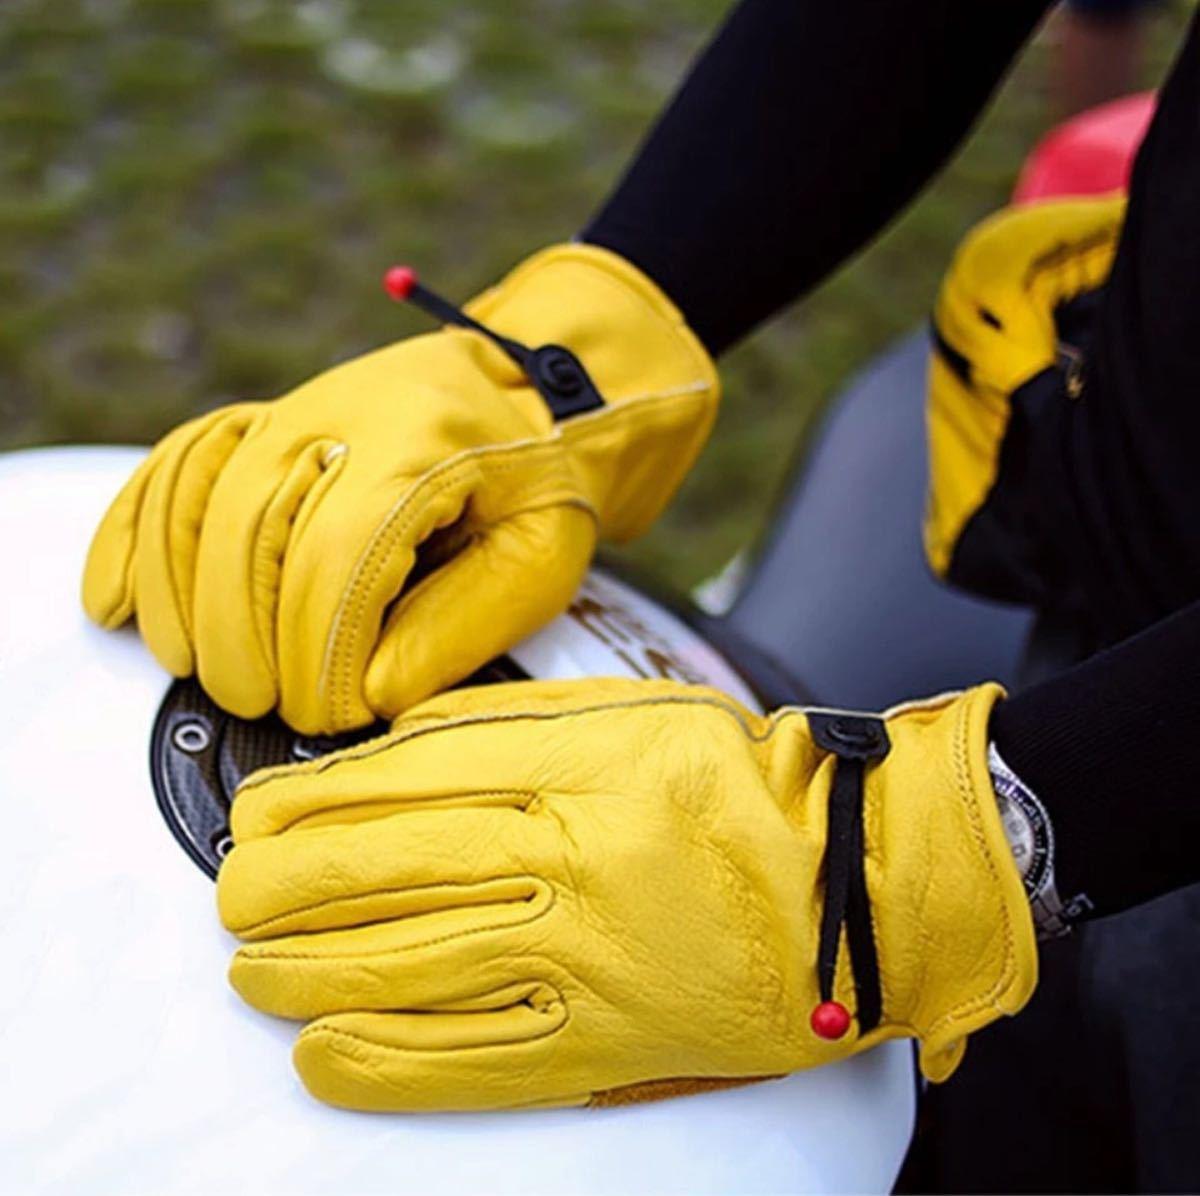 牛革 手袋 レザー グローブ キャンプ ツーリング サイズM 作業 グローブ アウトドア 防寒手袋 レザーグローブ ハーレー